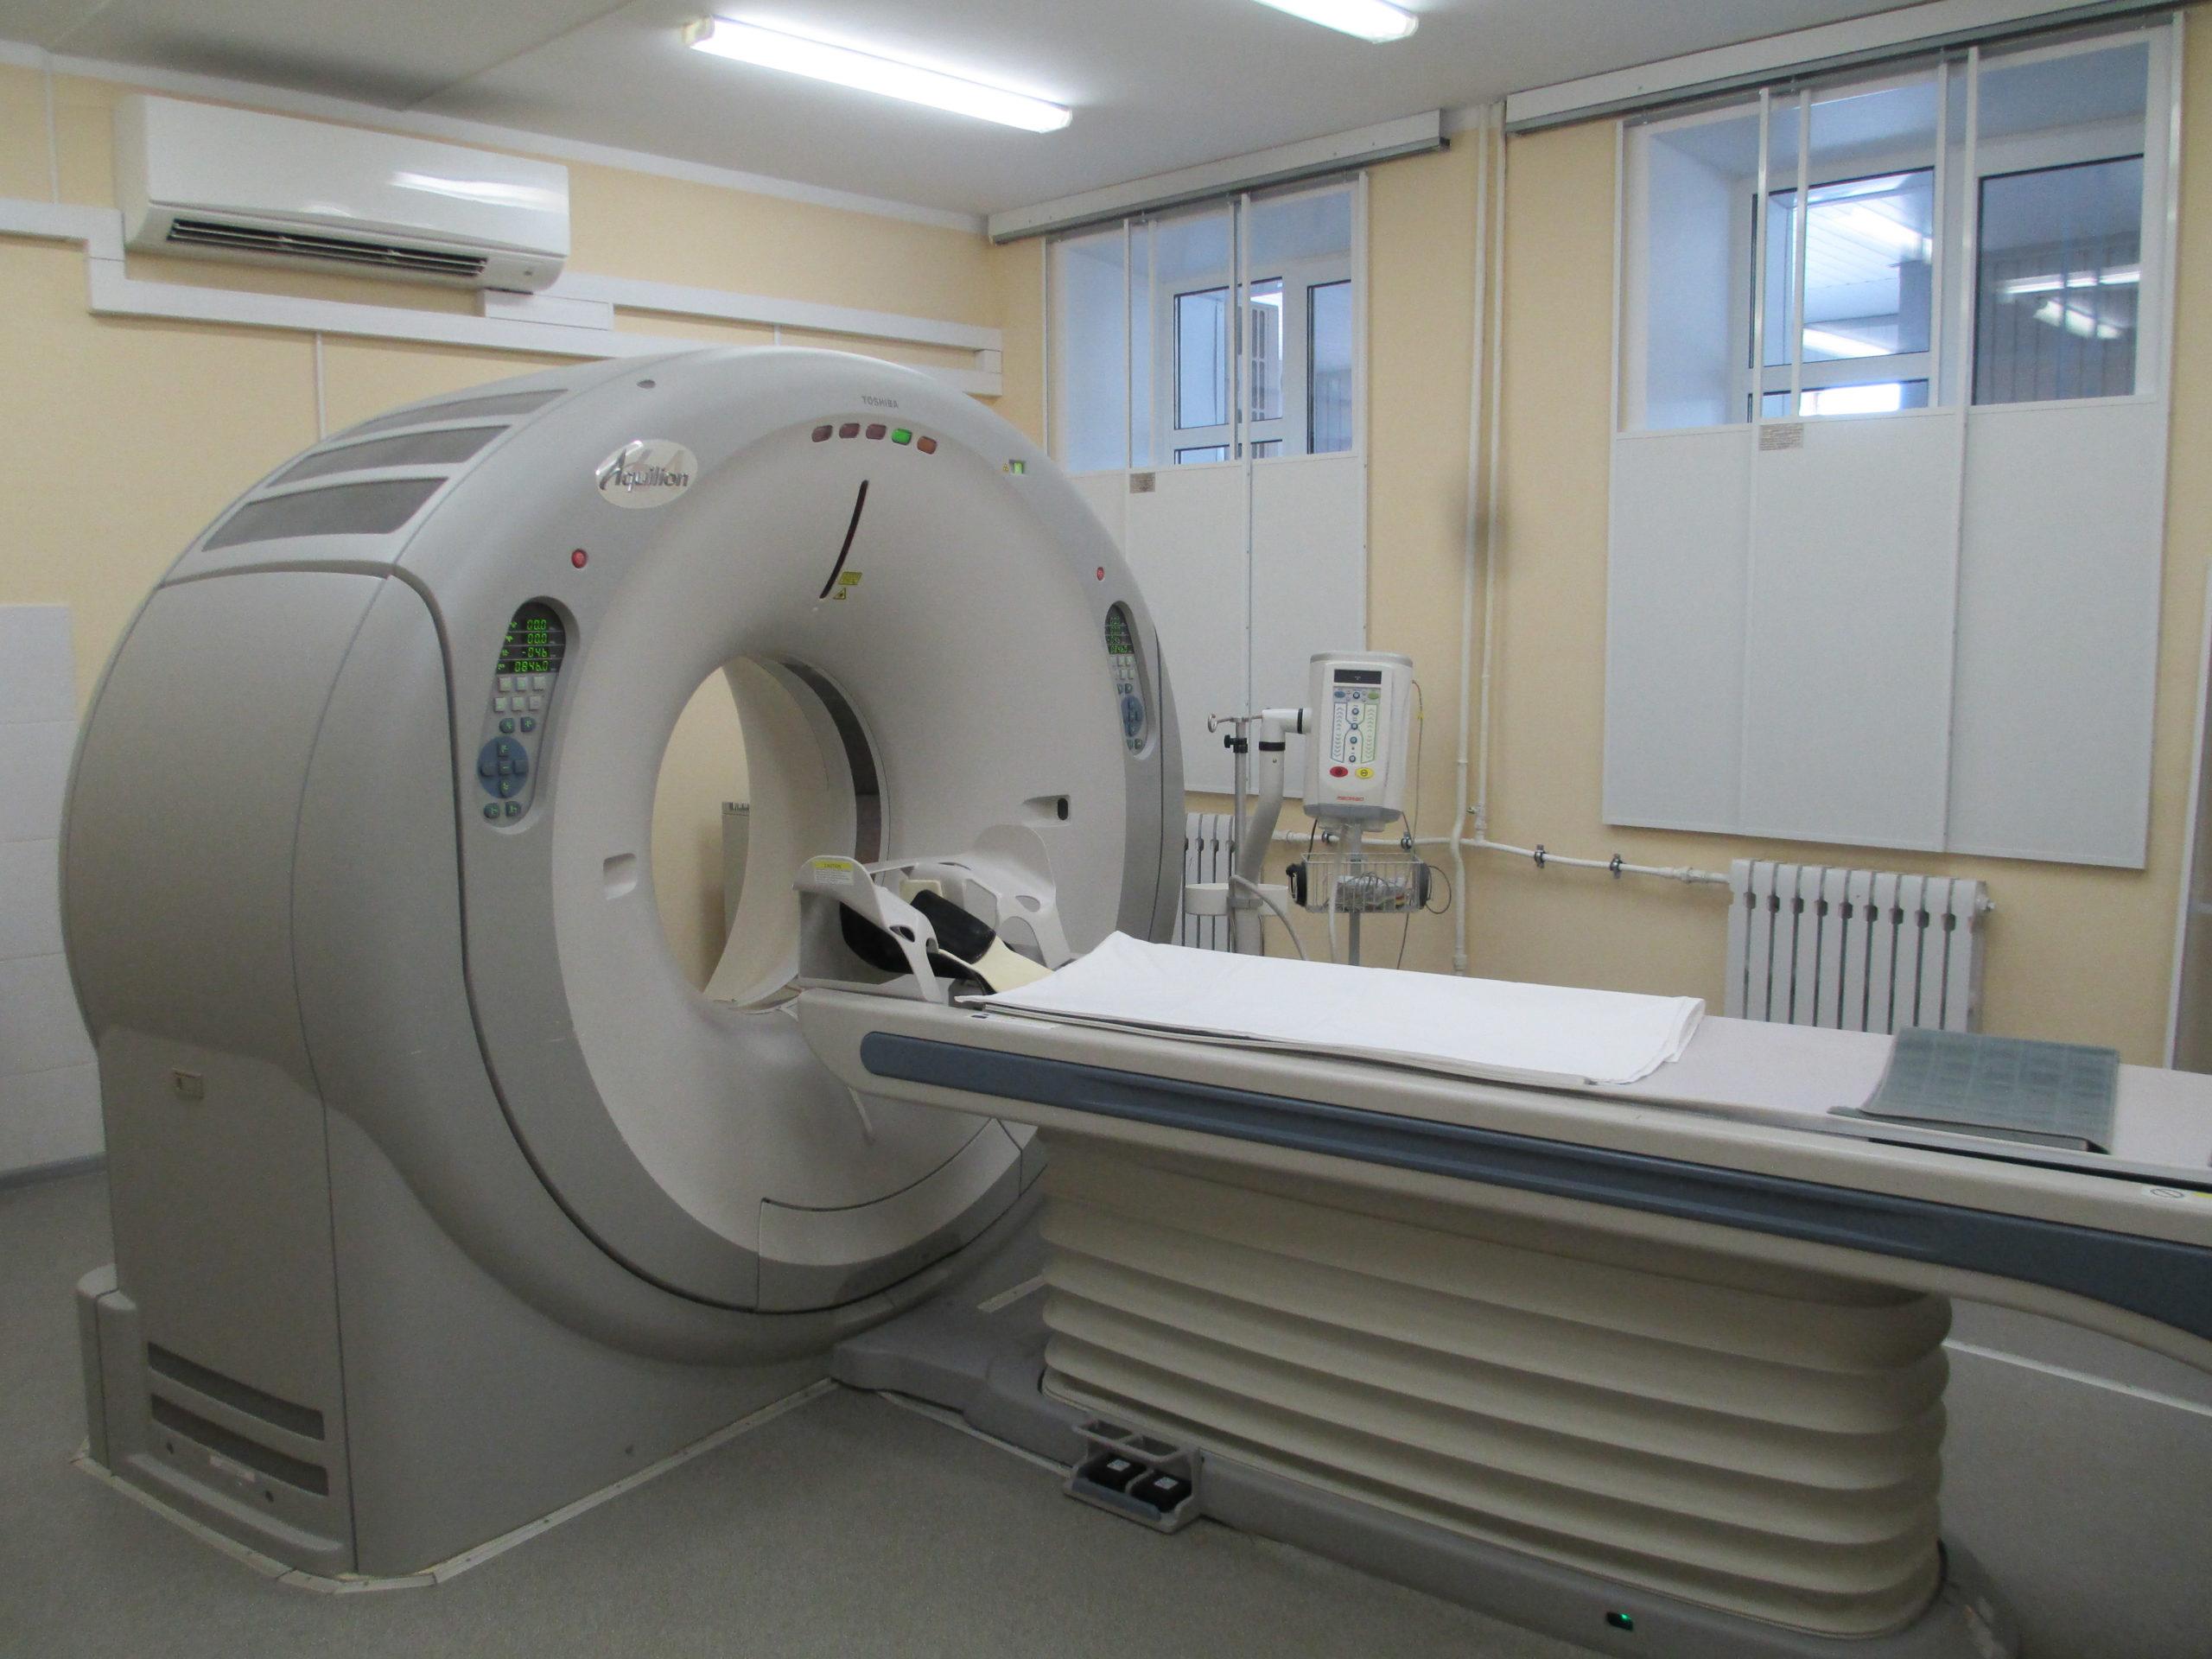 Новый компьютерный томограф появится в Конаковской больнице до конца 2020 года